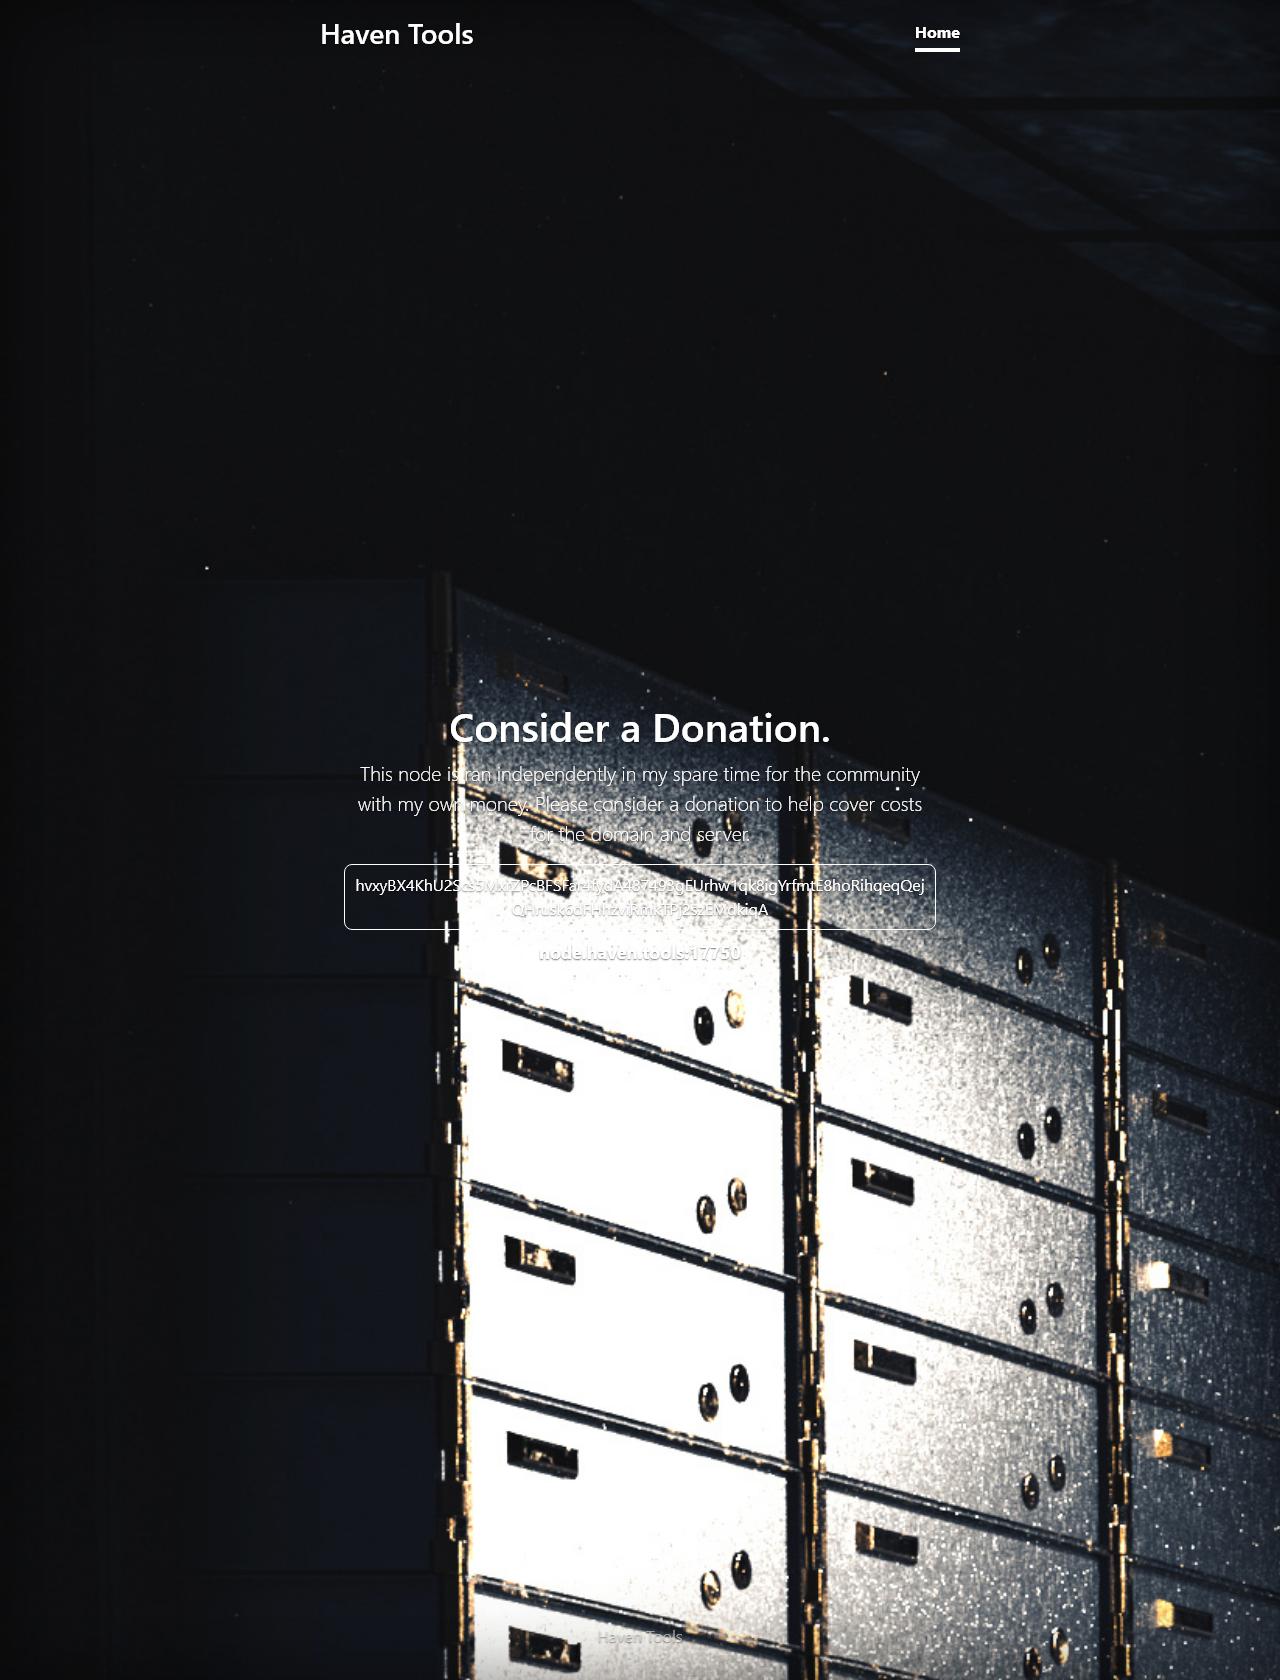 Screenshot Desktop - https://haven.tools/